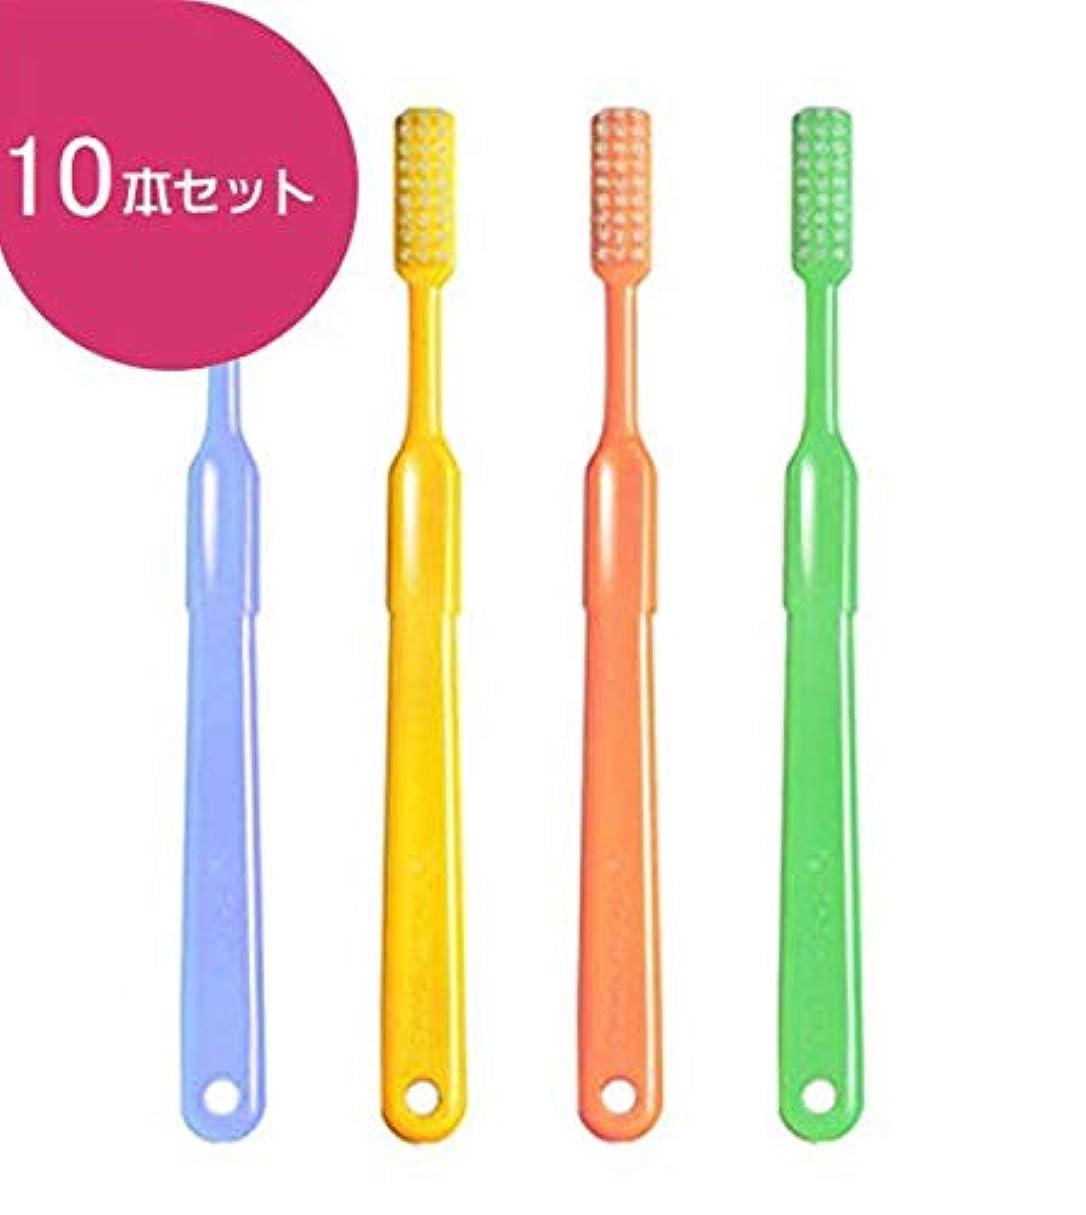 アメリカ管理構成するビーブランド ドクター ビーヤング 歯ブラシ 10本 (ヤングソフト)